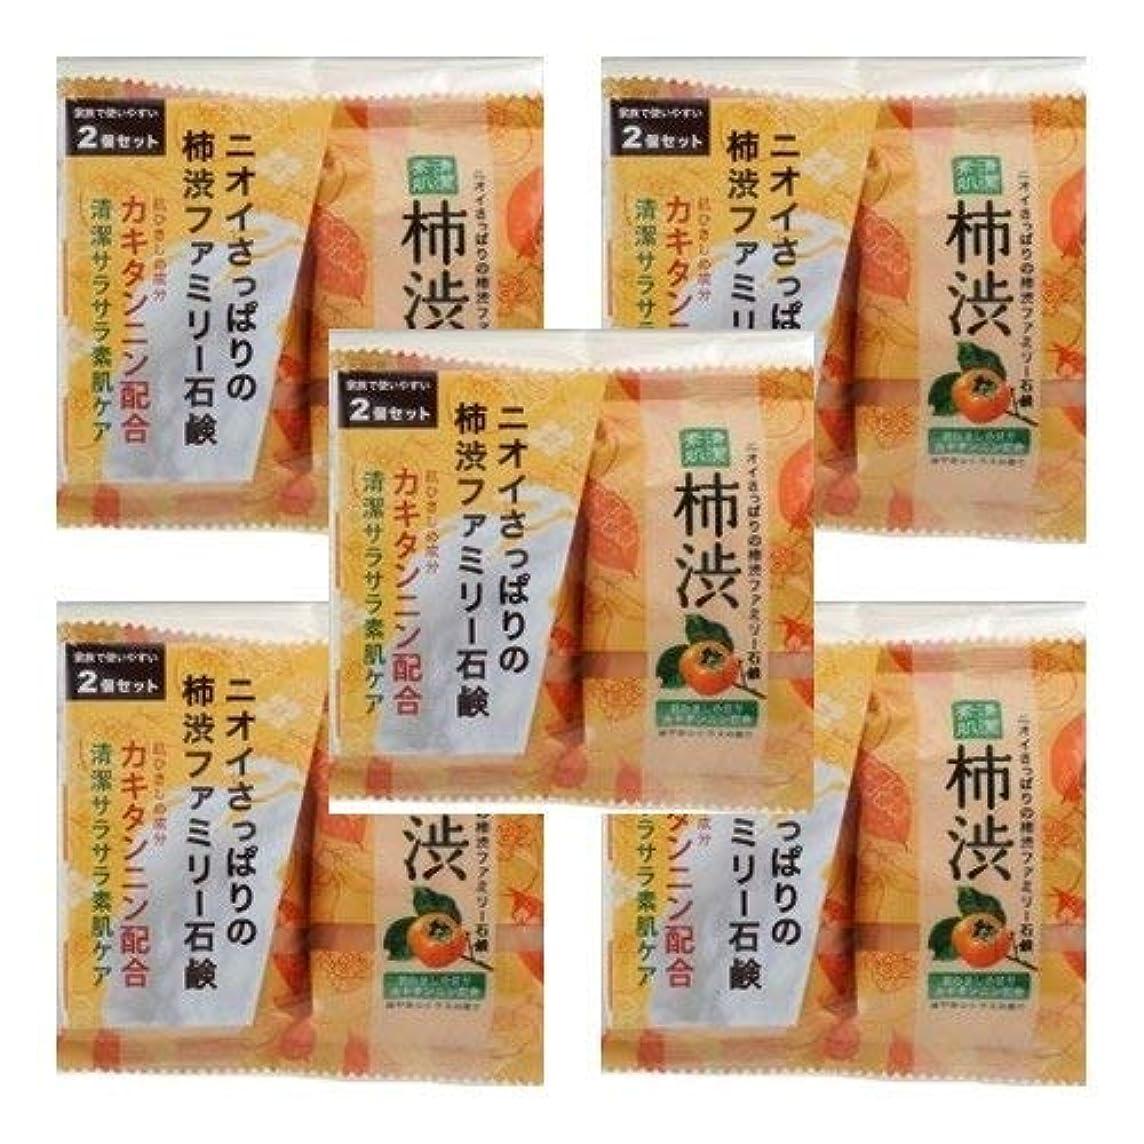 正規化多分関係するペリカン石鹸 ファミリー柿渋石けん 2個入×5点セット